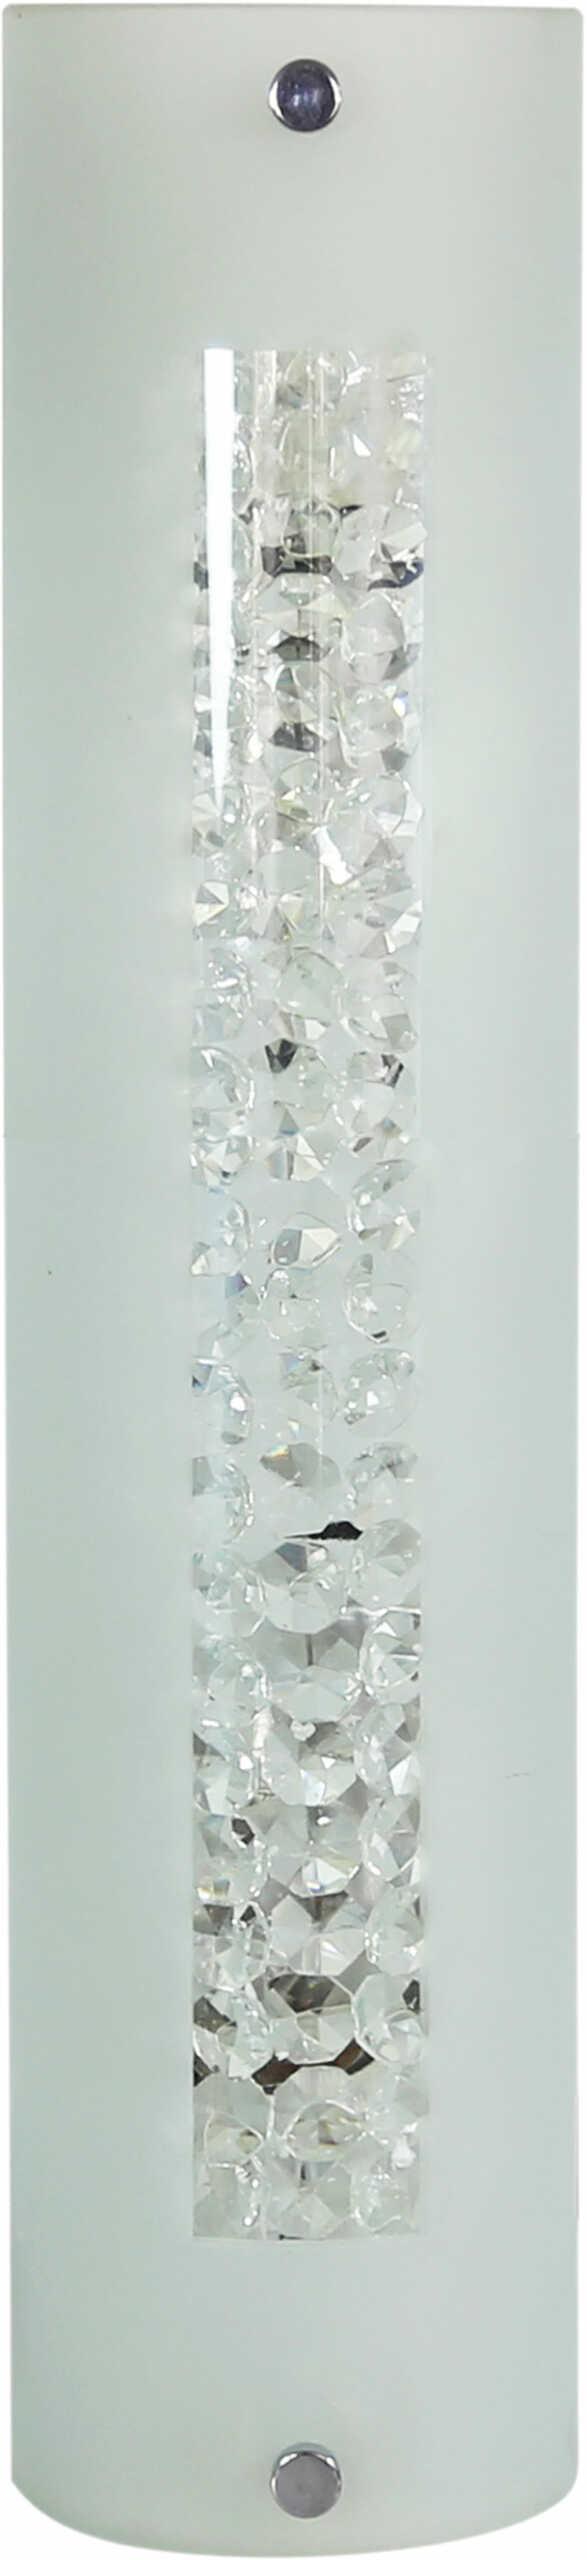 Candellux ABREGO 10-28617 plafon lampa sufitowa szklany klosz kryształki 2X60W E27 24cm